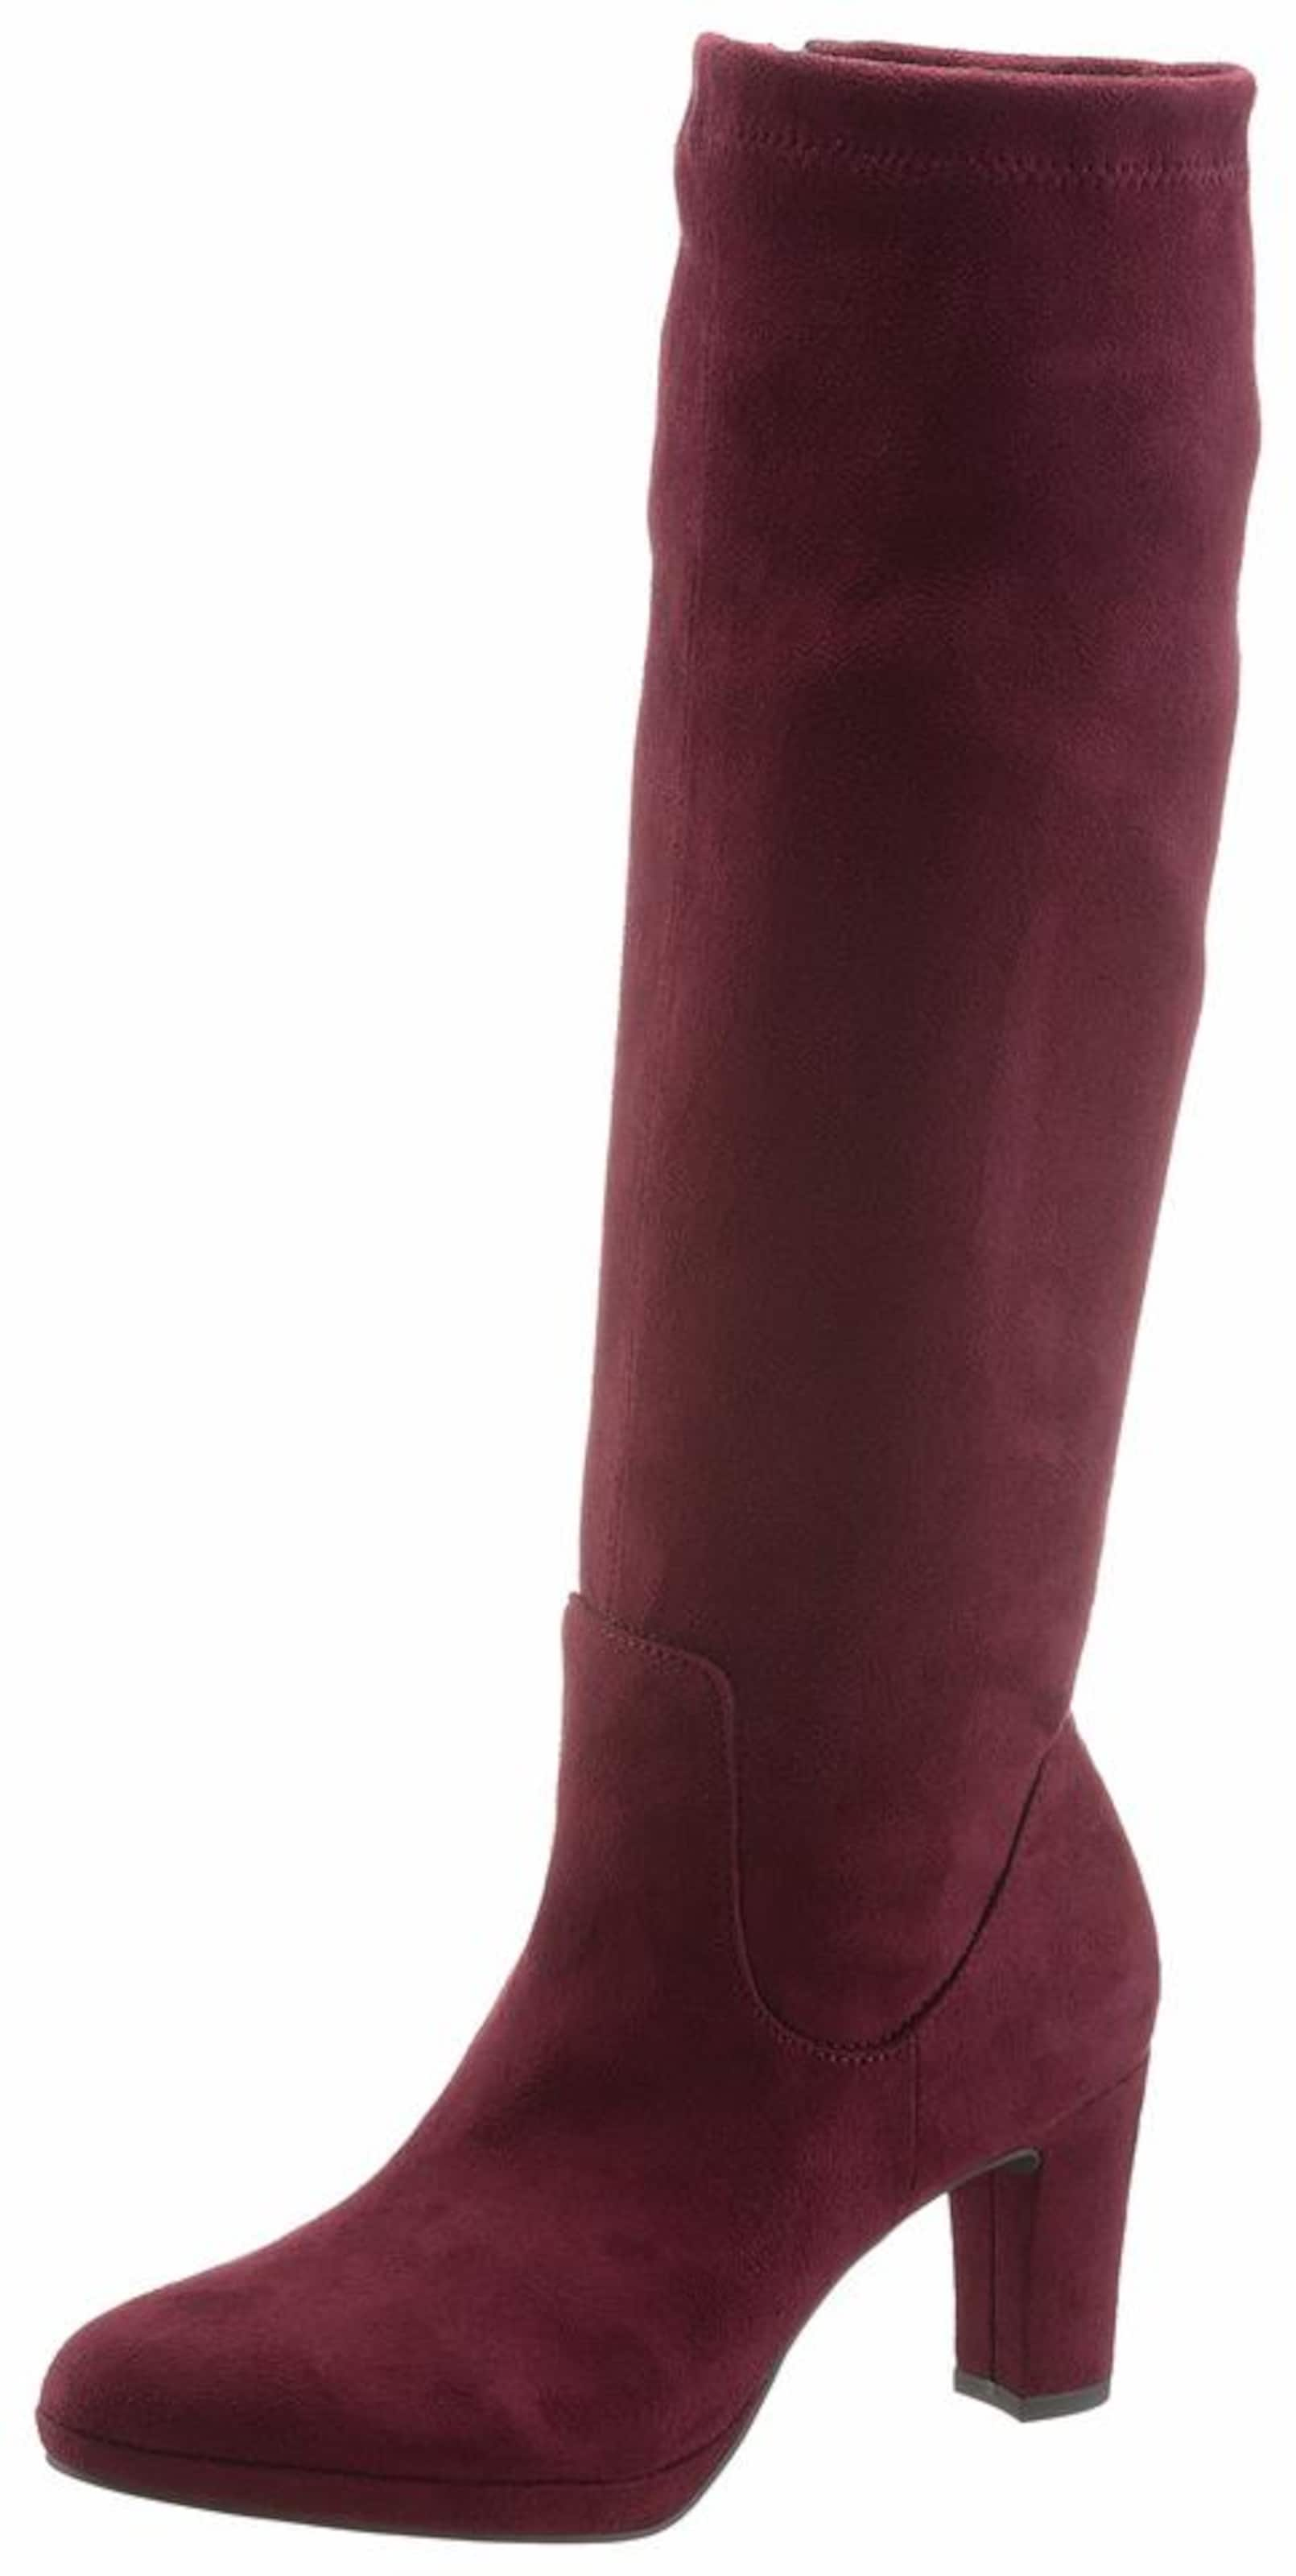 Haltbare Mode billige Schuhe TAMARIS | Schuhe Stiefel Schuhe Gut getragene Schuhe | f6d637